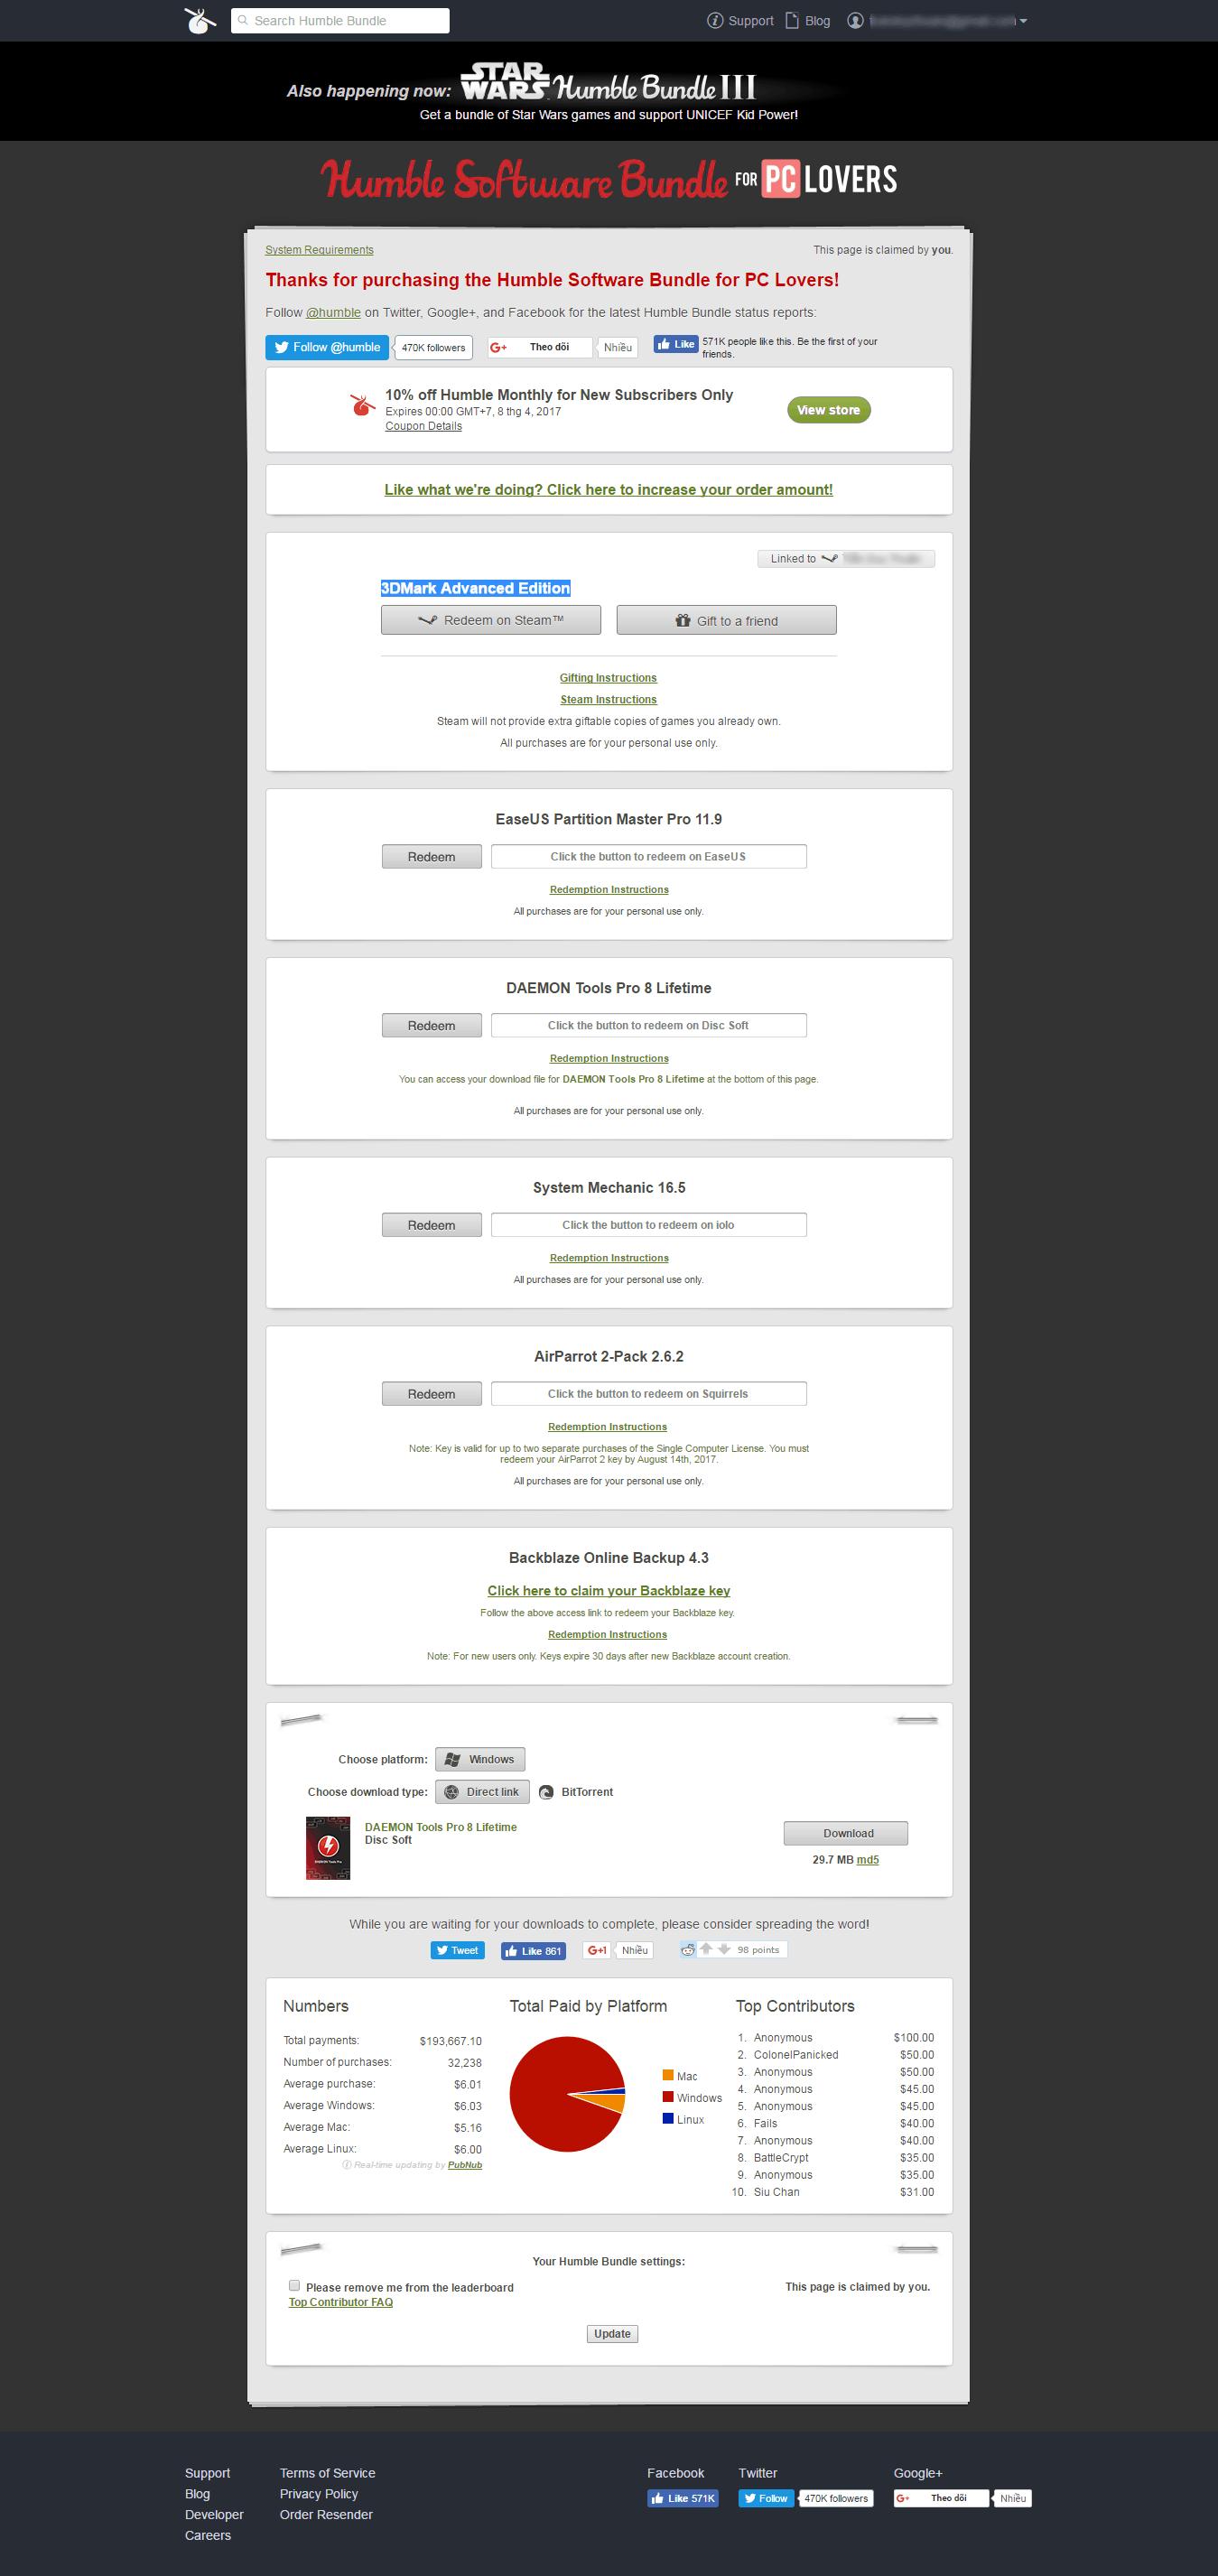 21 - Hướng dẫn mua game - bundles trên Humblebundle